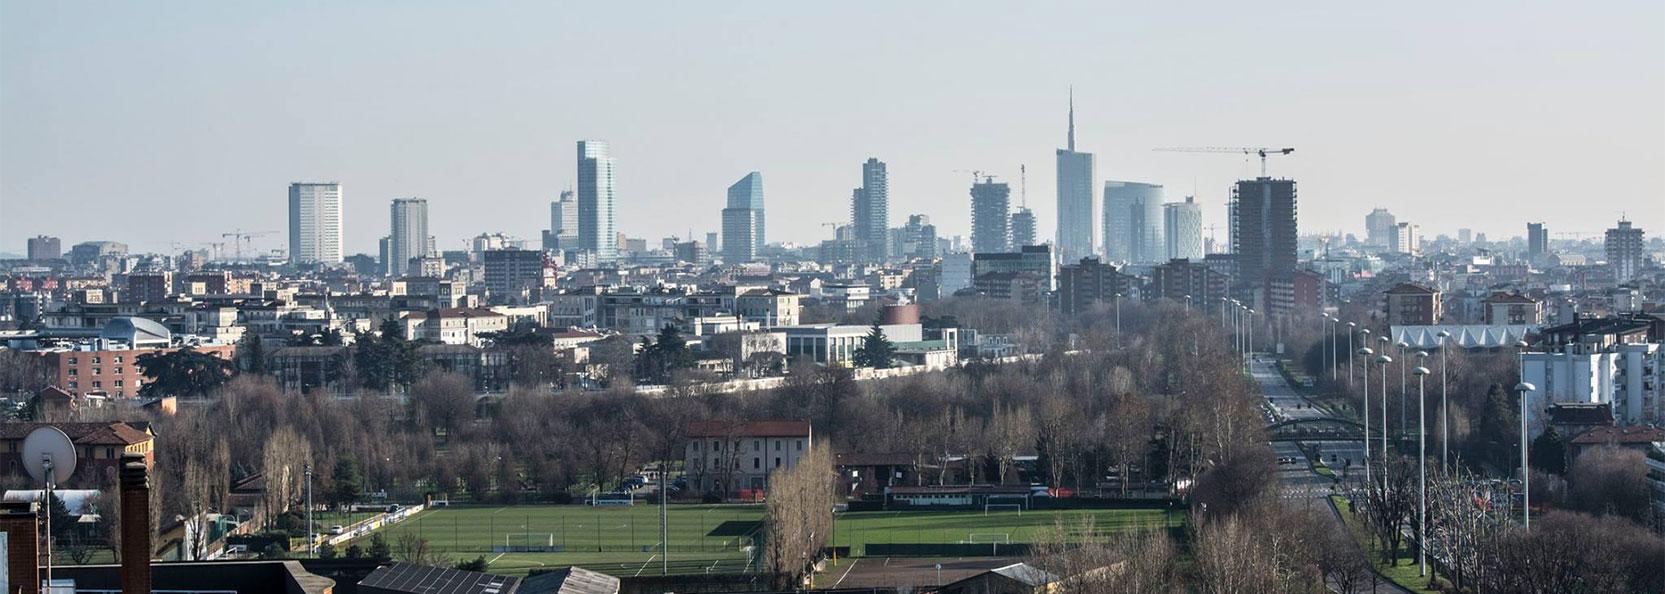 bruzzano_quartiere_milano